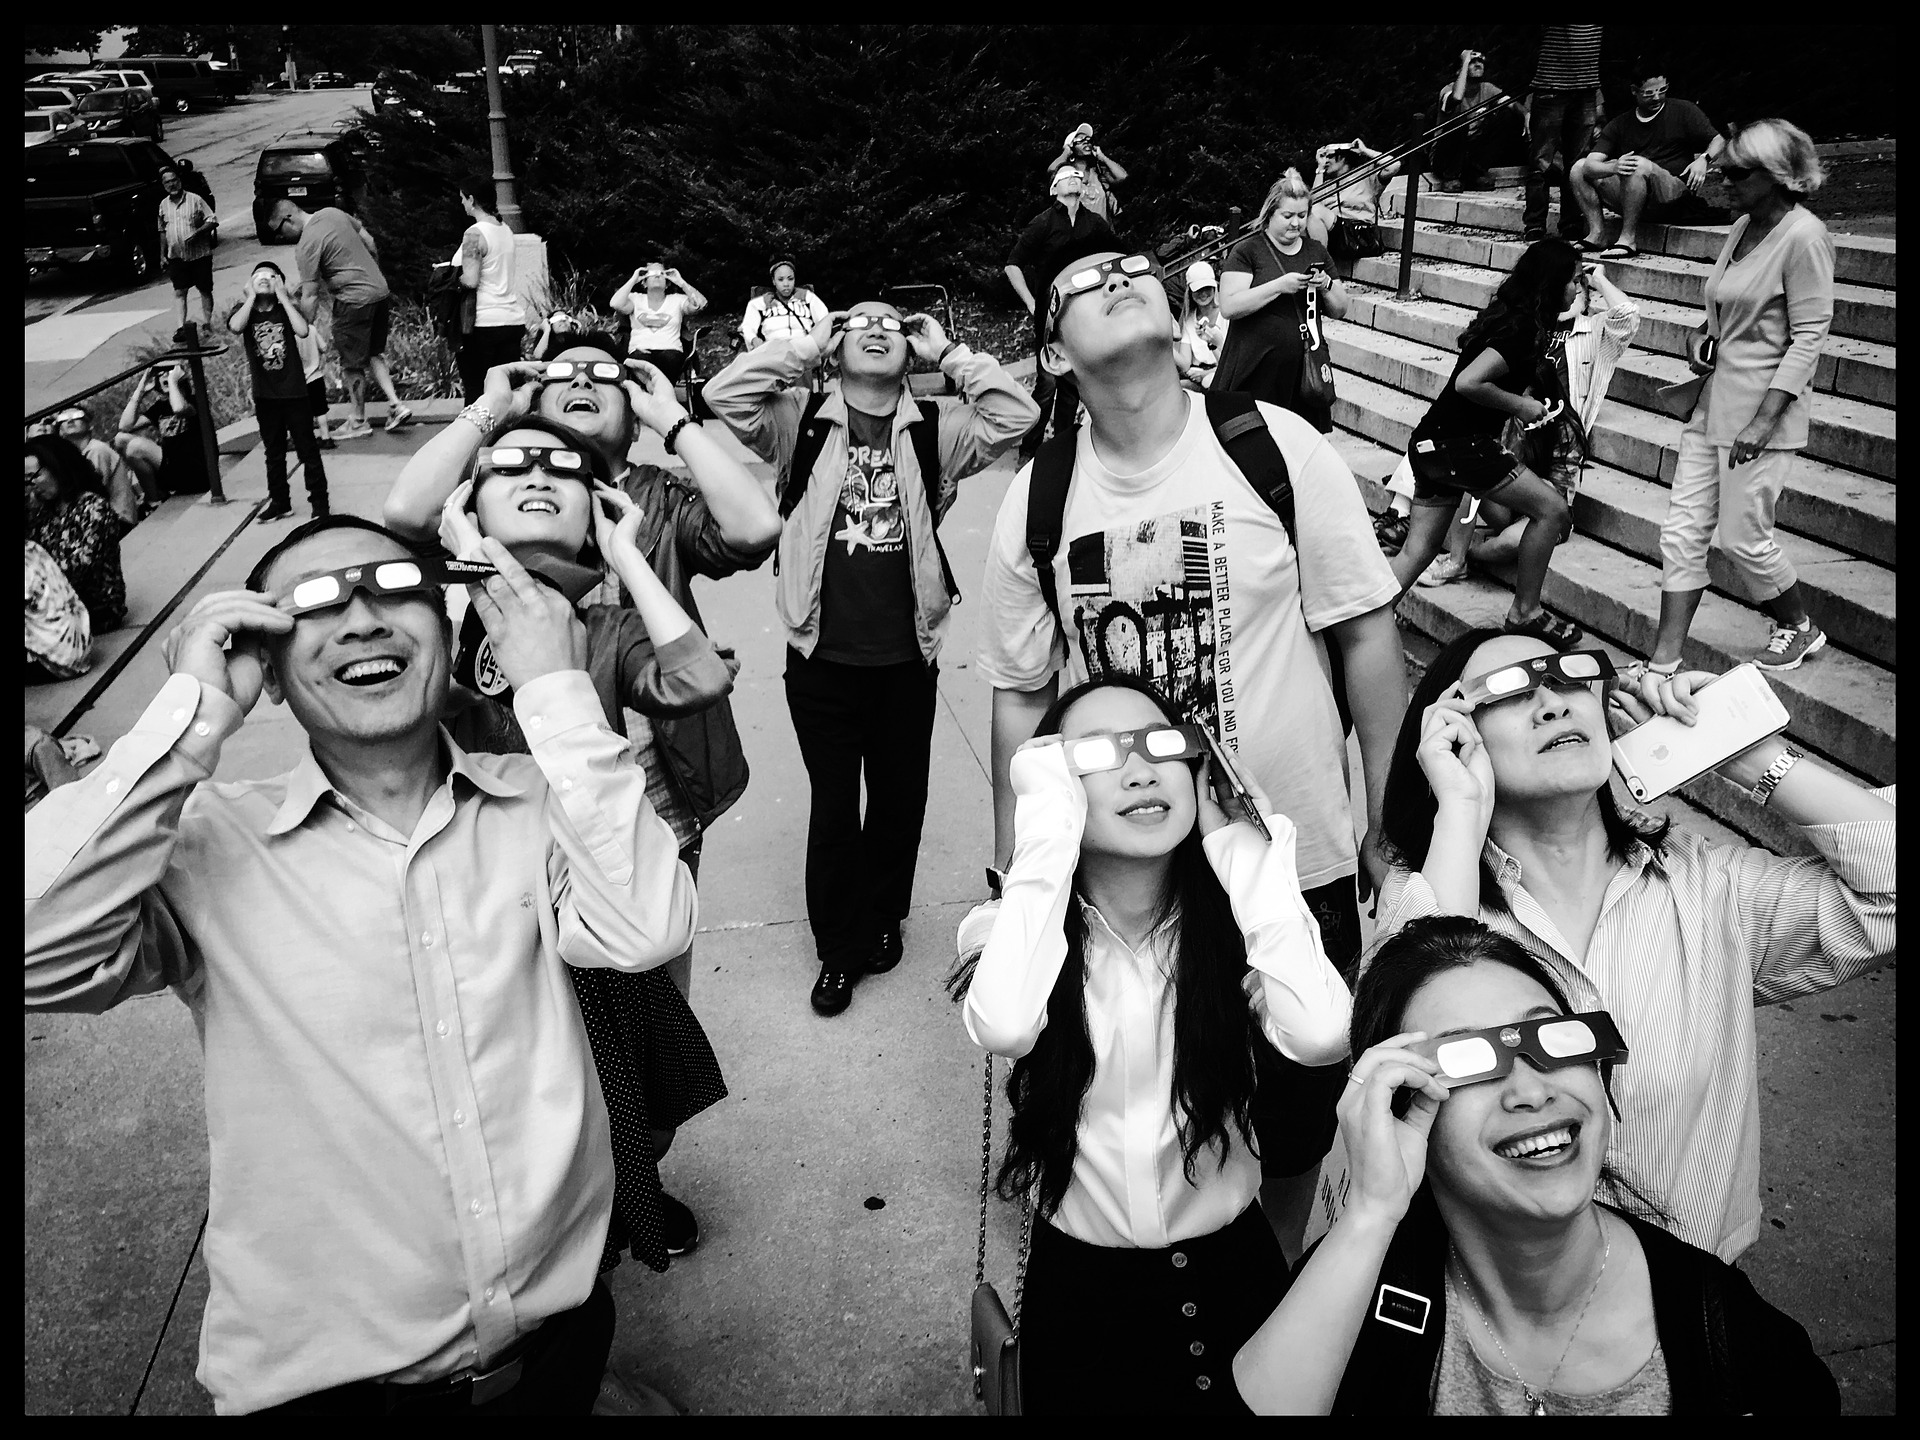 Pour admirer l'éclipse, des Américains s'enduisent les yeux de crème solaire